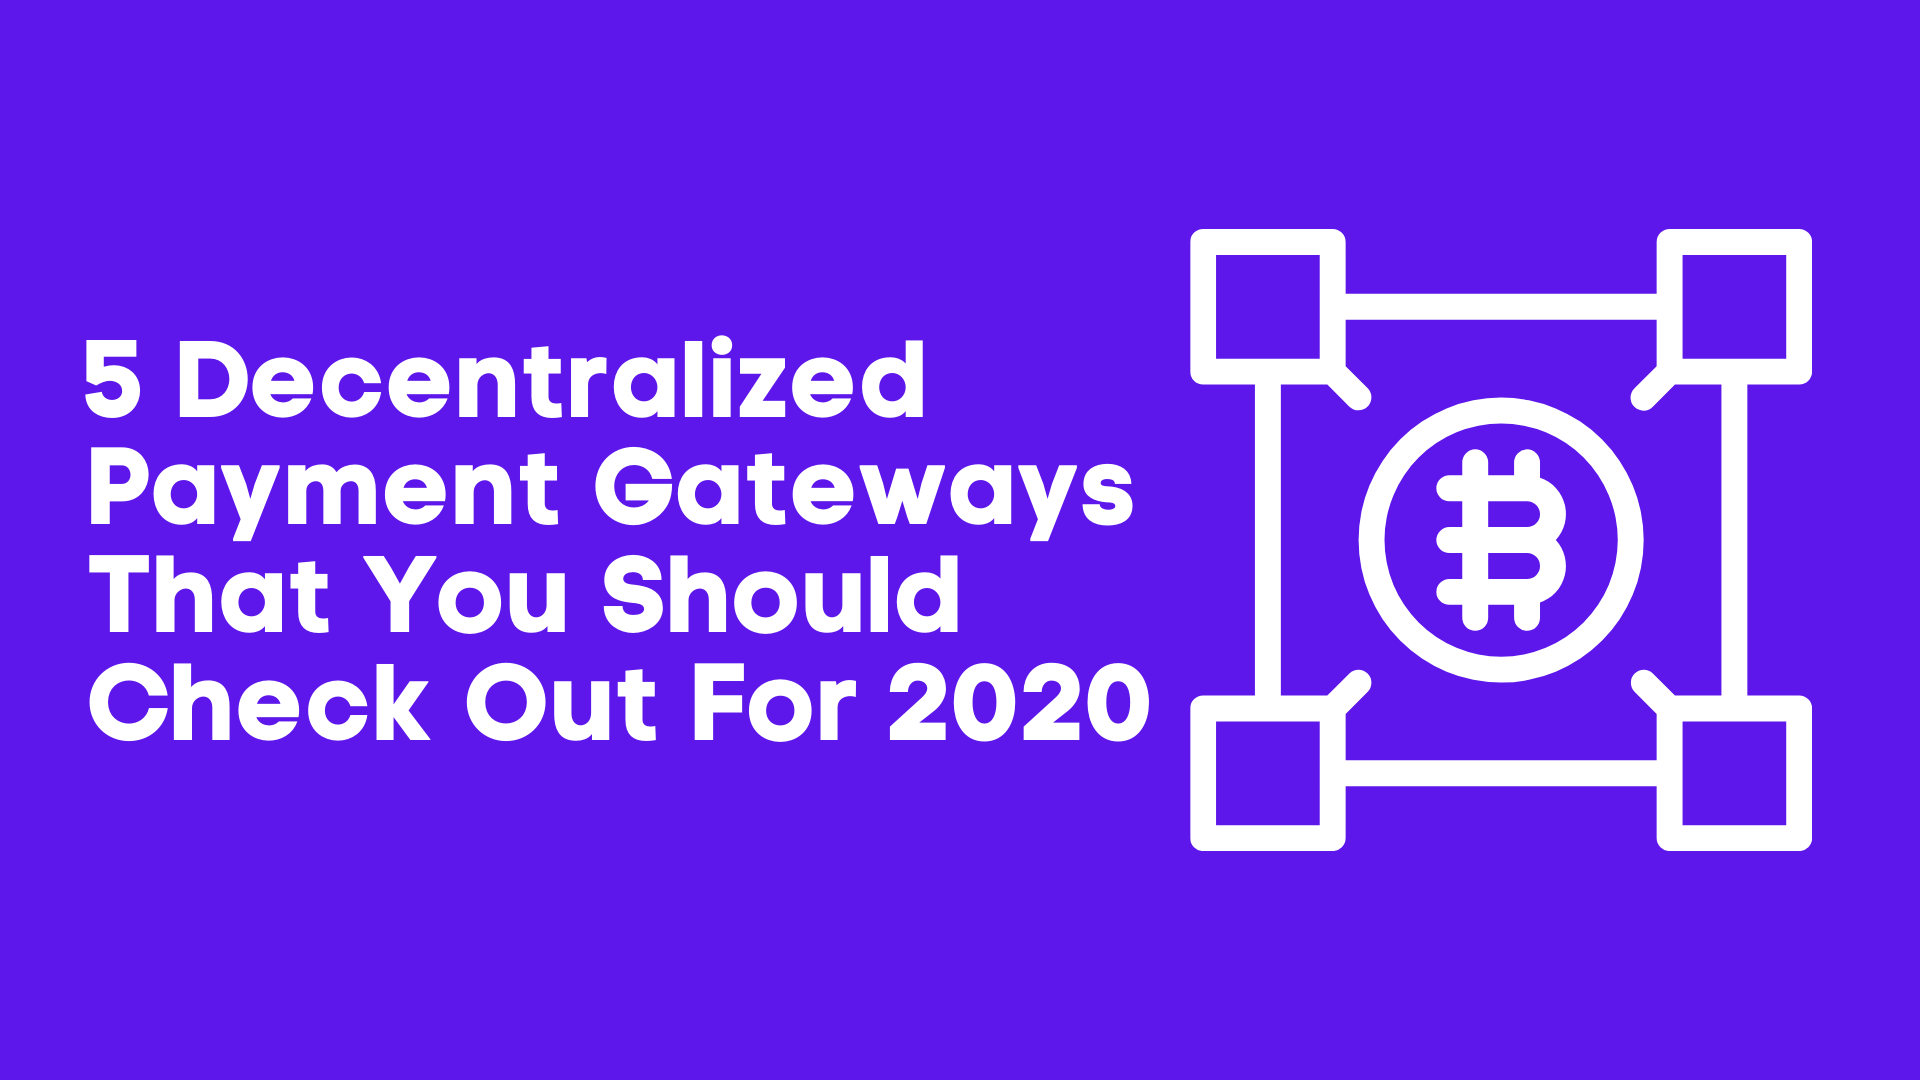 5 decentralized payment gateways